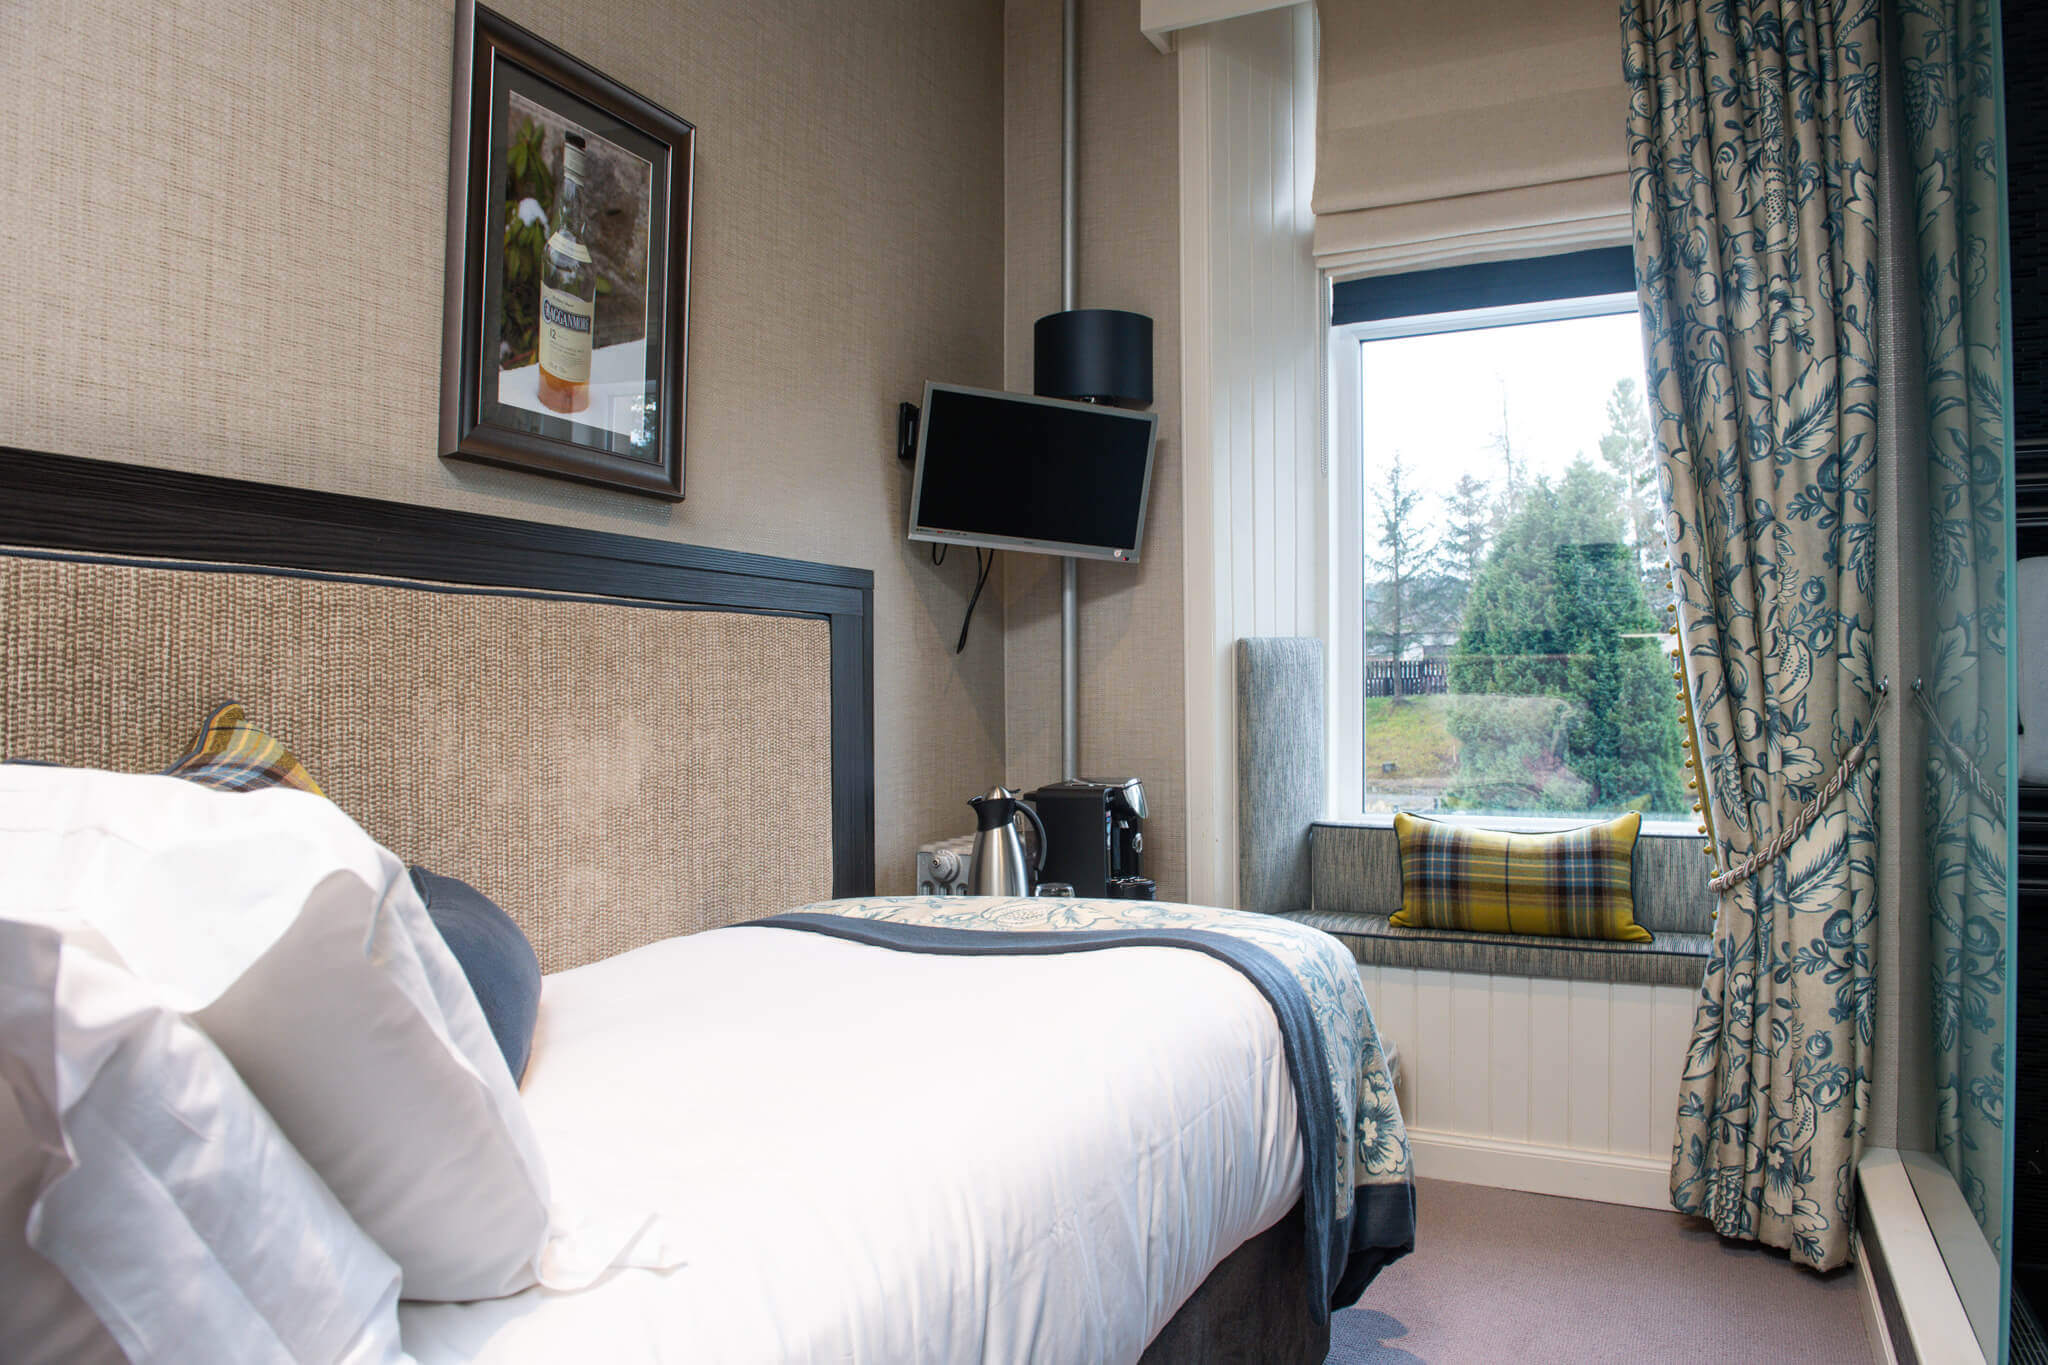 dowans_hotel-ryanjohnstonco-56